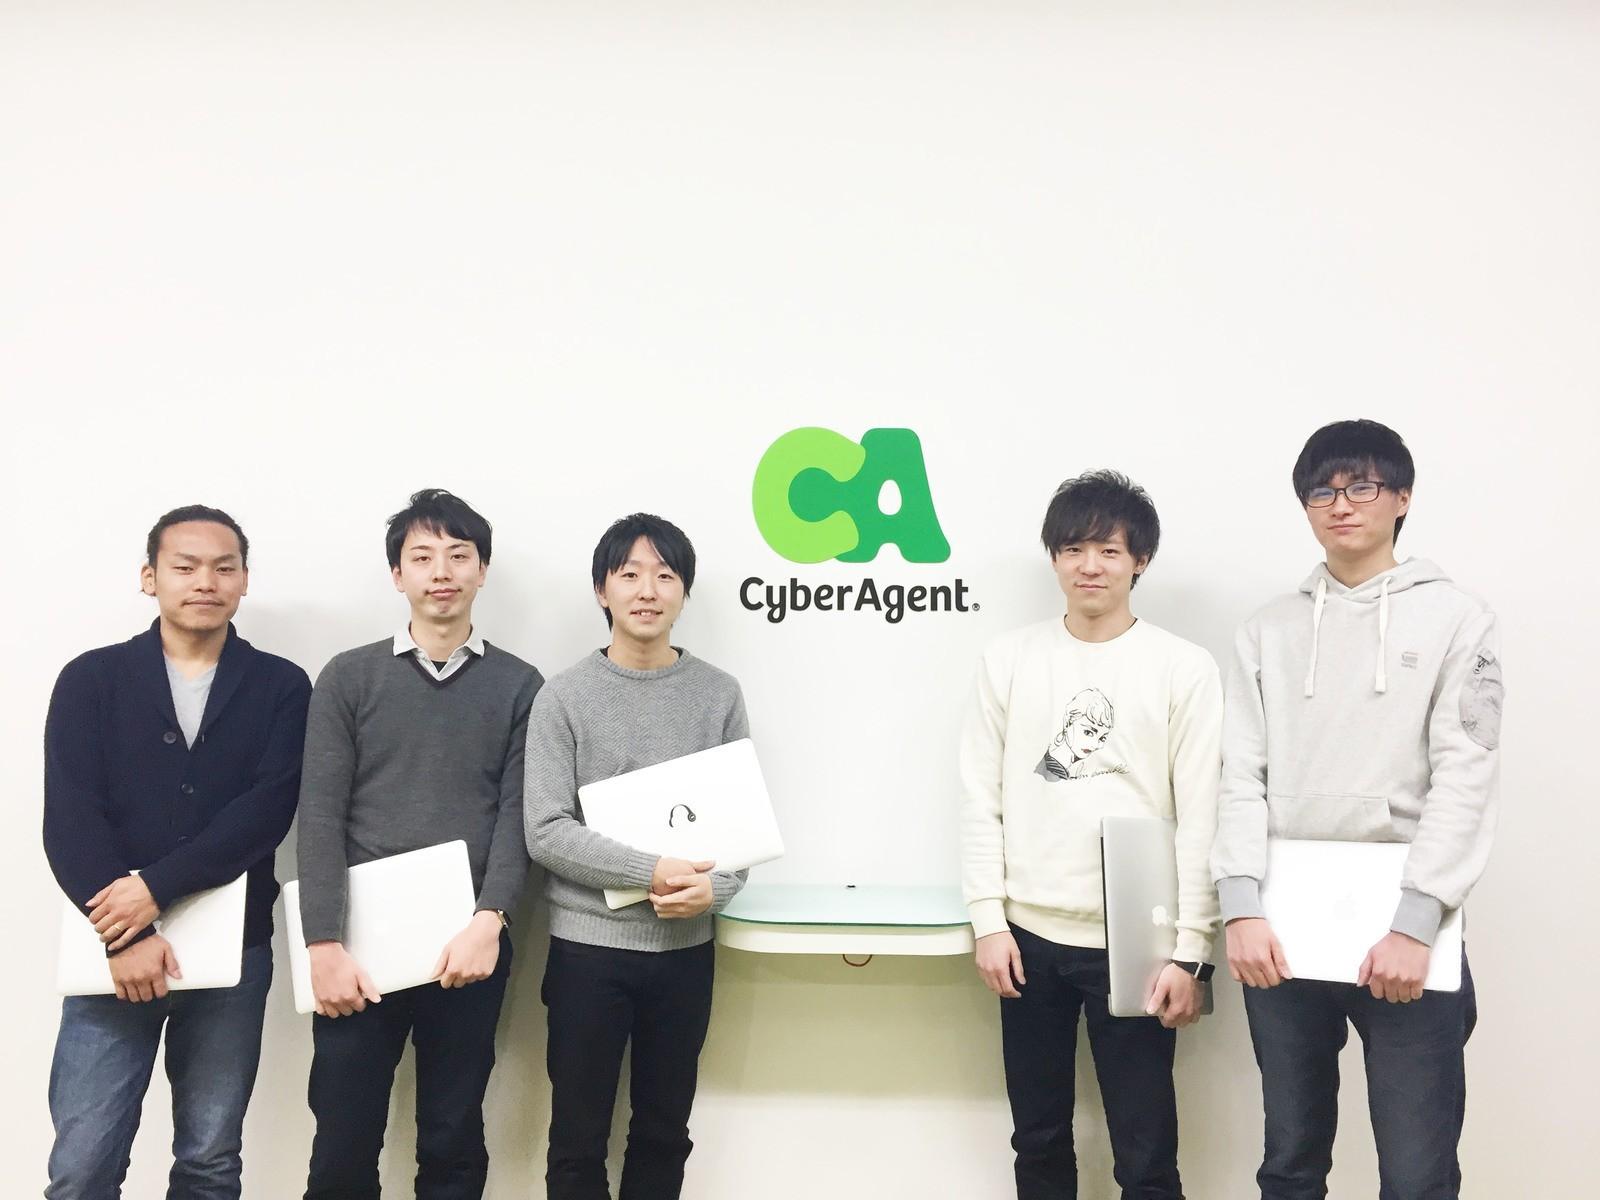 急成長のWebサービス(AbemaTV,AWAなど)、ゲーム事業、インターネット広告事業でチャレンジしたいWebアプリエンジニア募集!